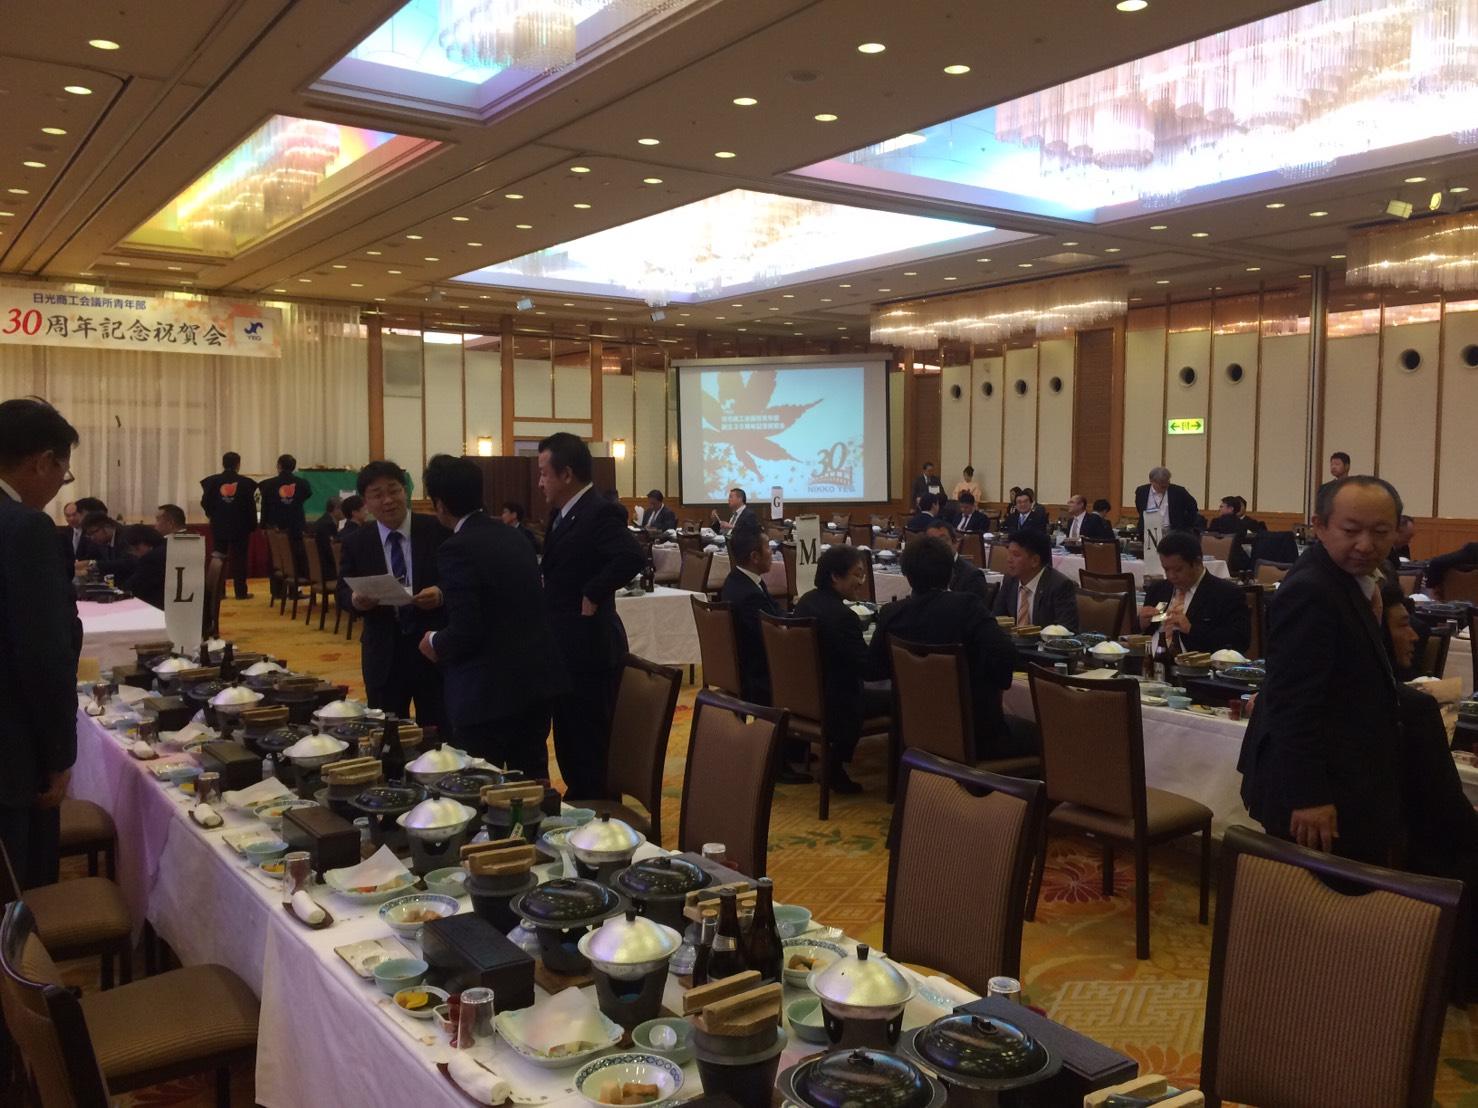 日光YEG様 創立30周年記念式典に参加しました